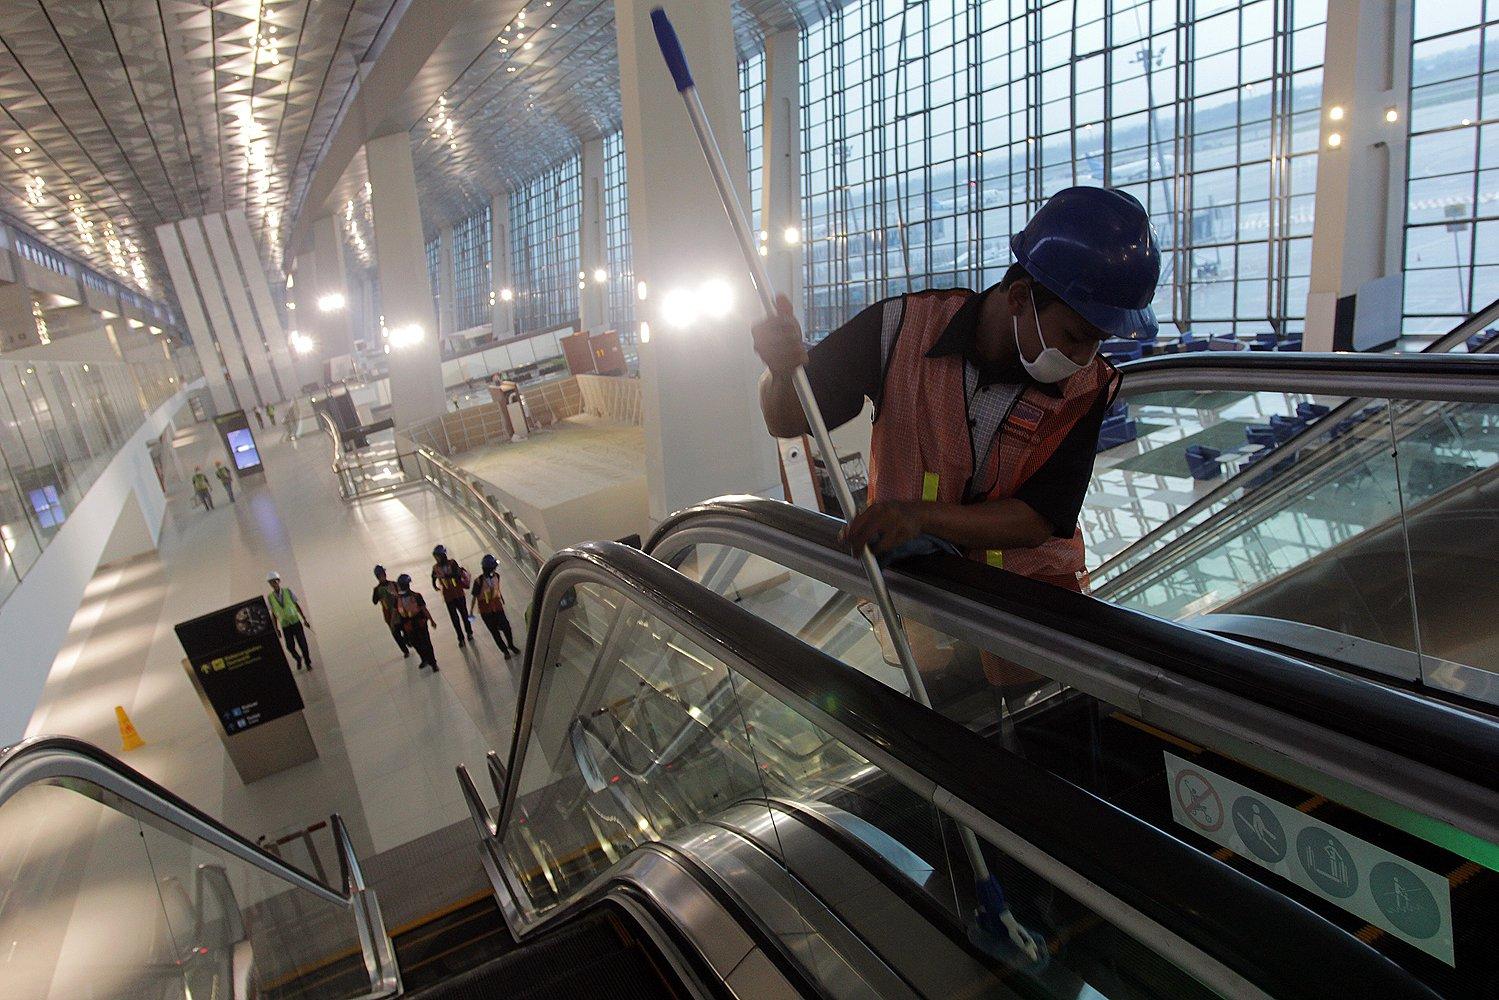 Terminal sepanjang 1,2 kilometer dengan luas 423 ribu meter persegi ini dilengkapi fasilitas pengelolaan gedung yang canggih atau Intelligence Buiding Management System (IBMS).